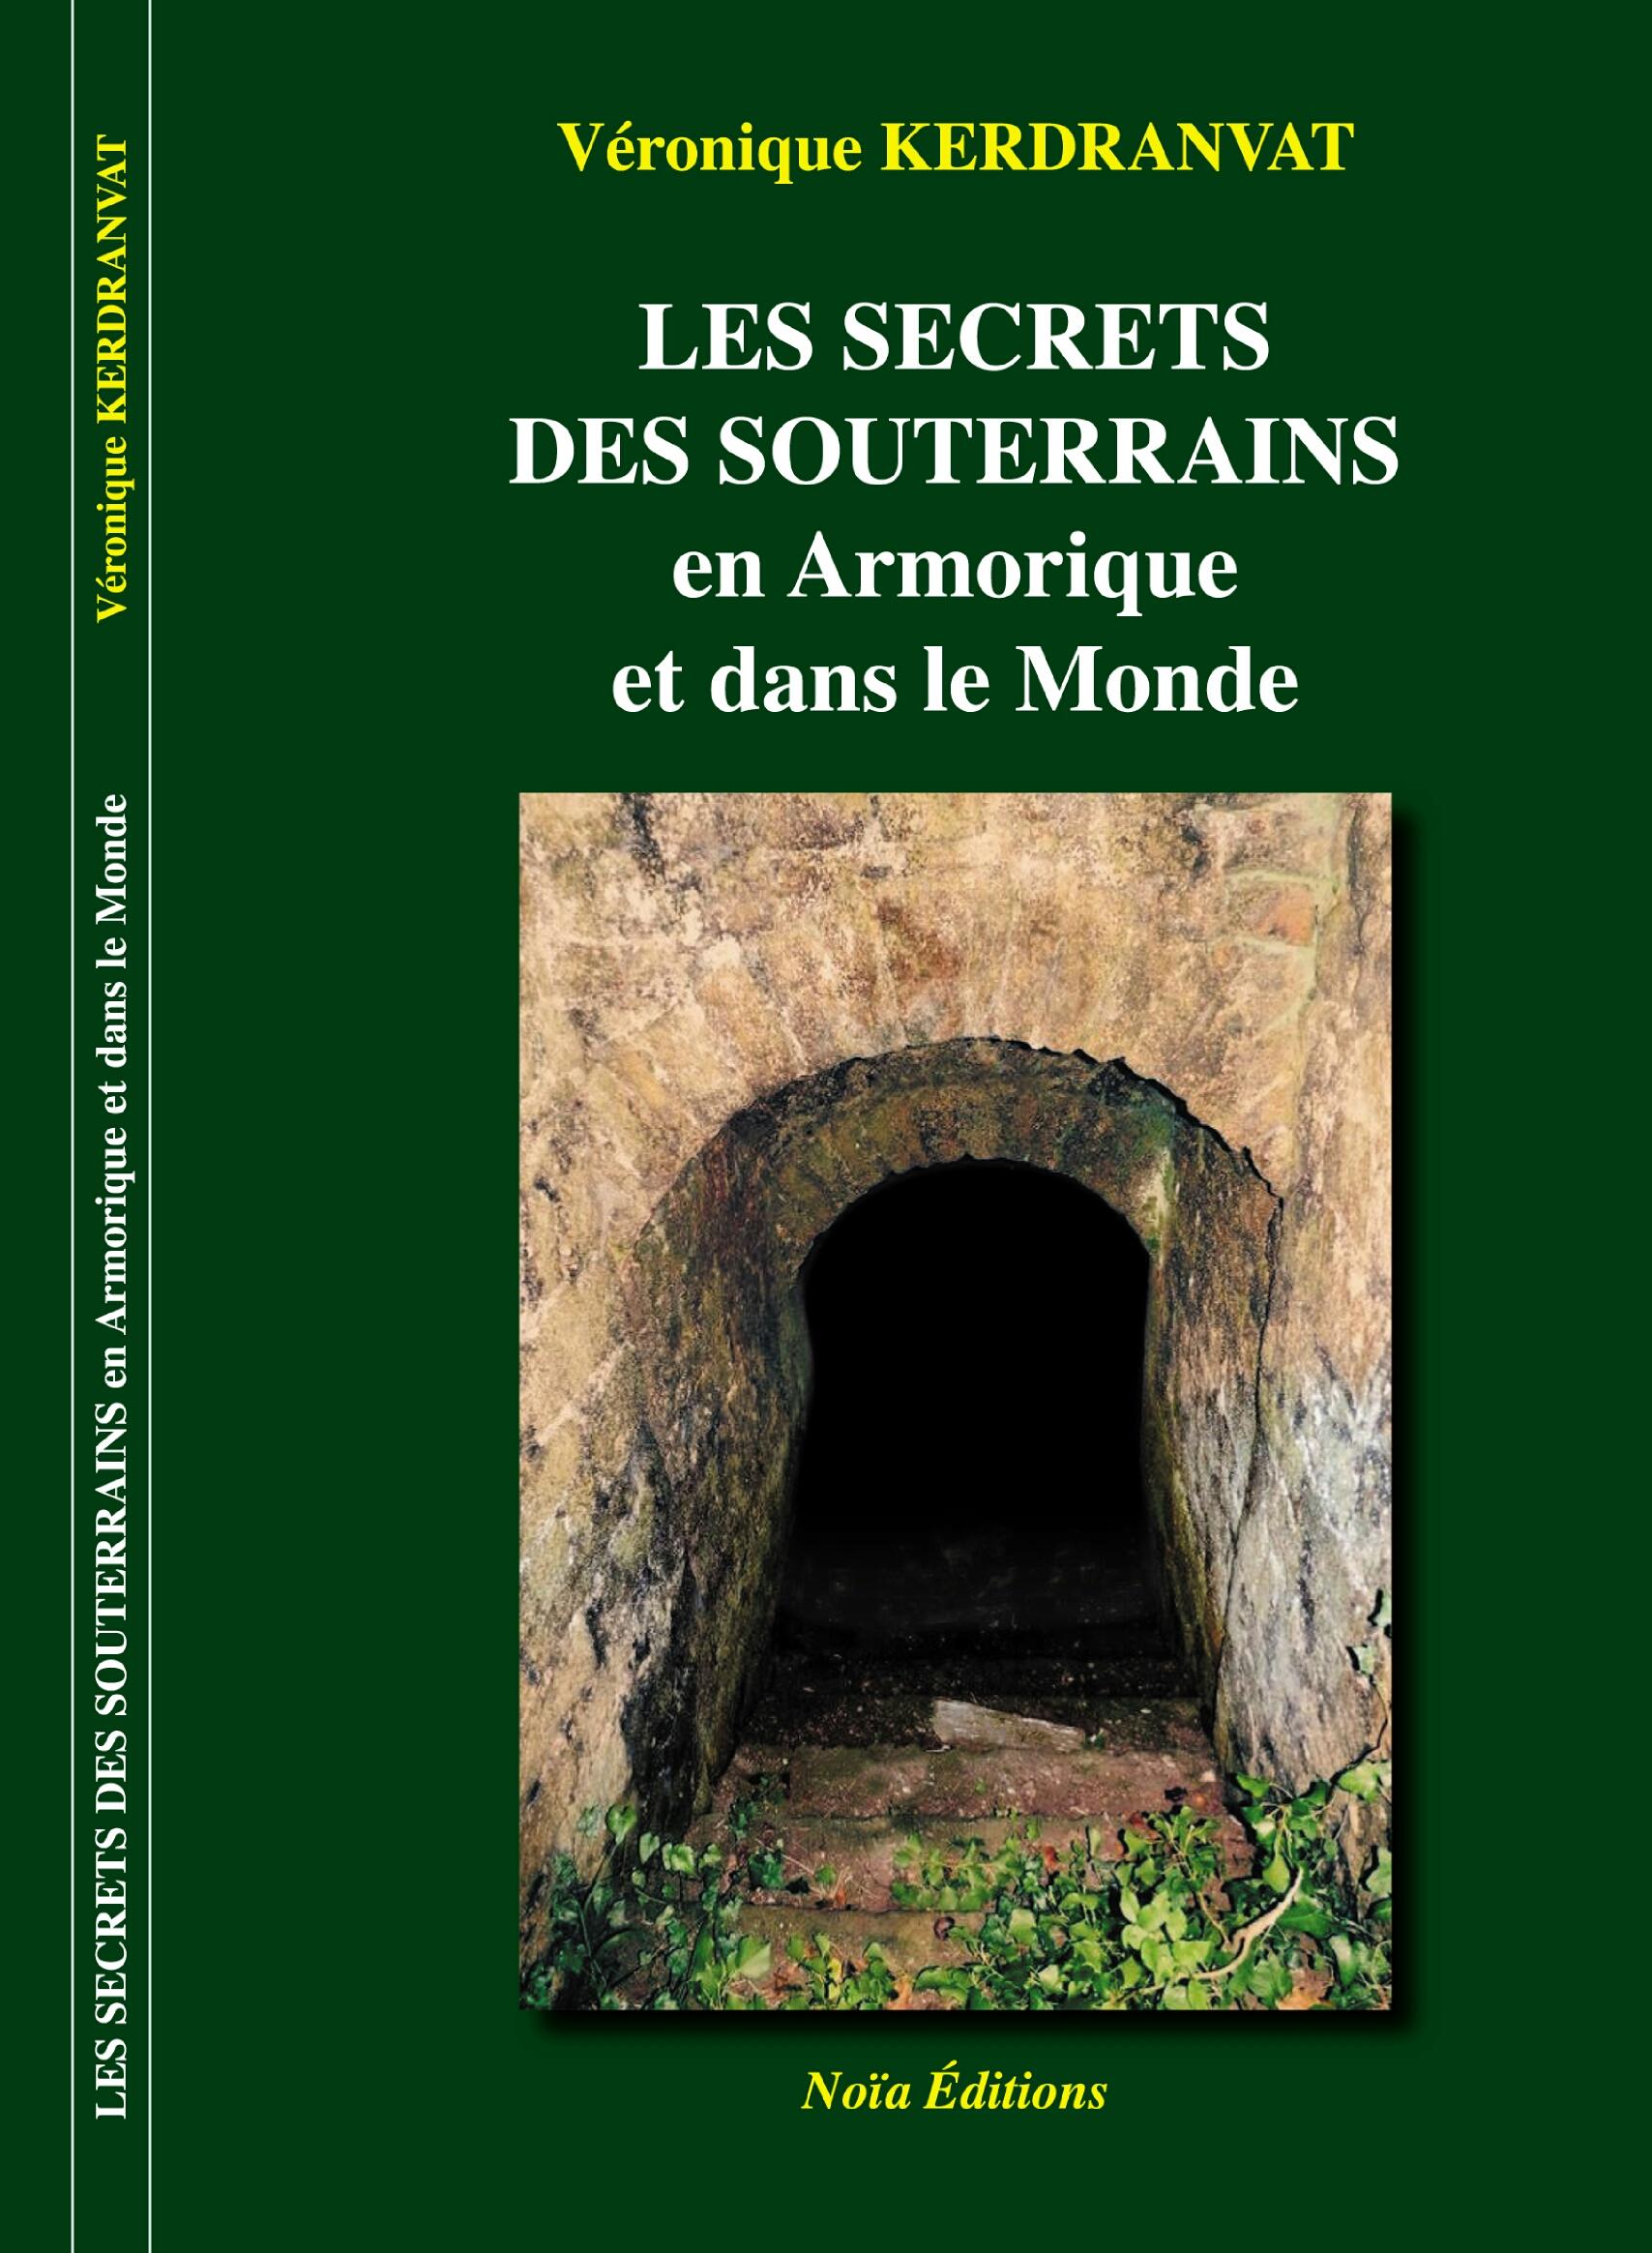 Les secrets des souterrains